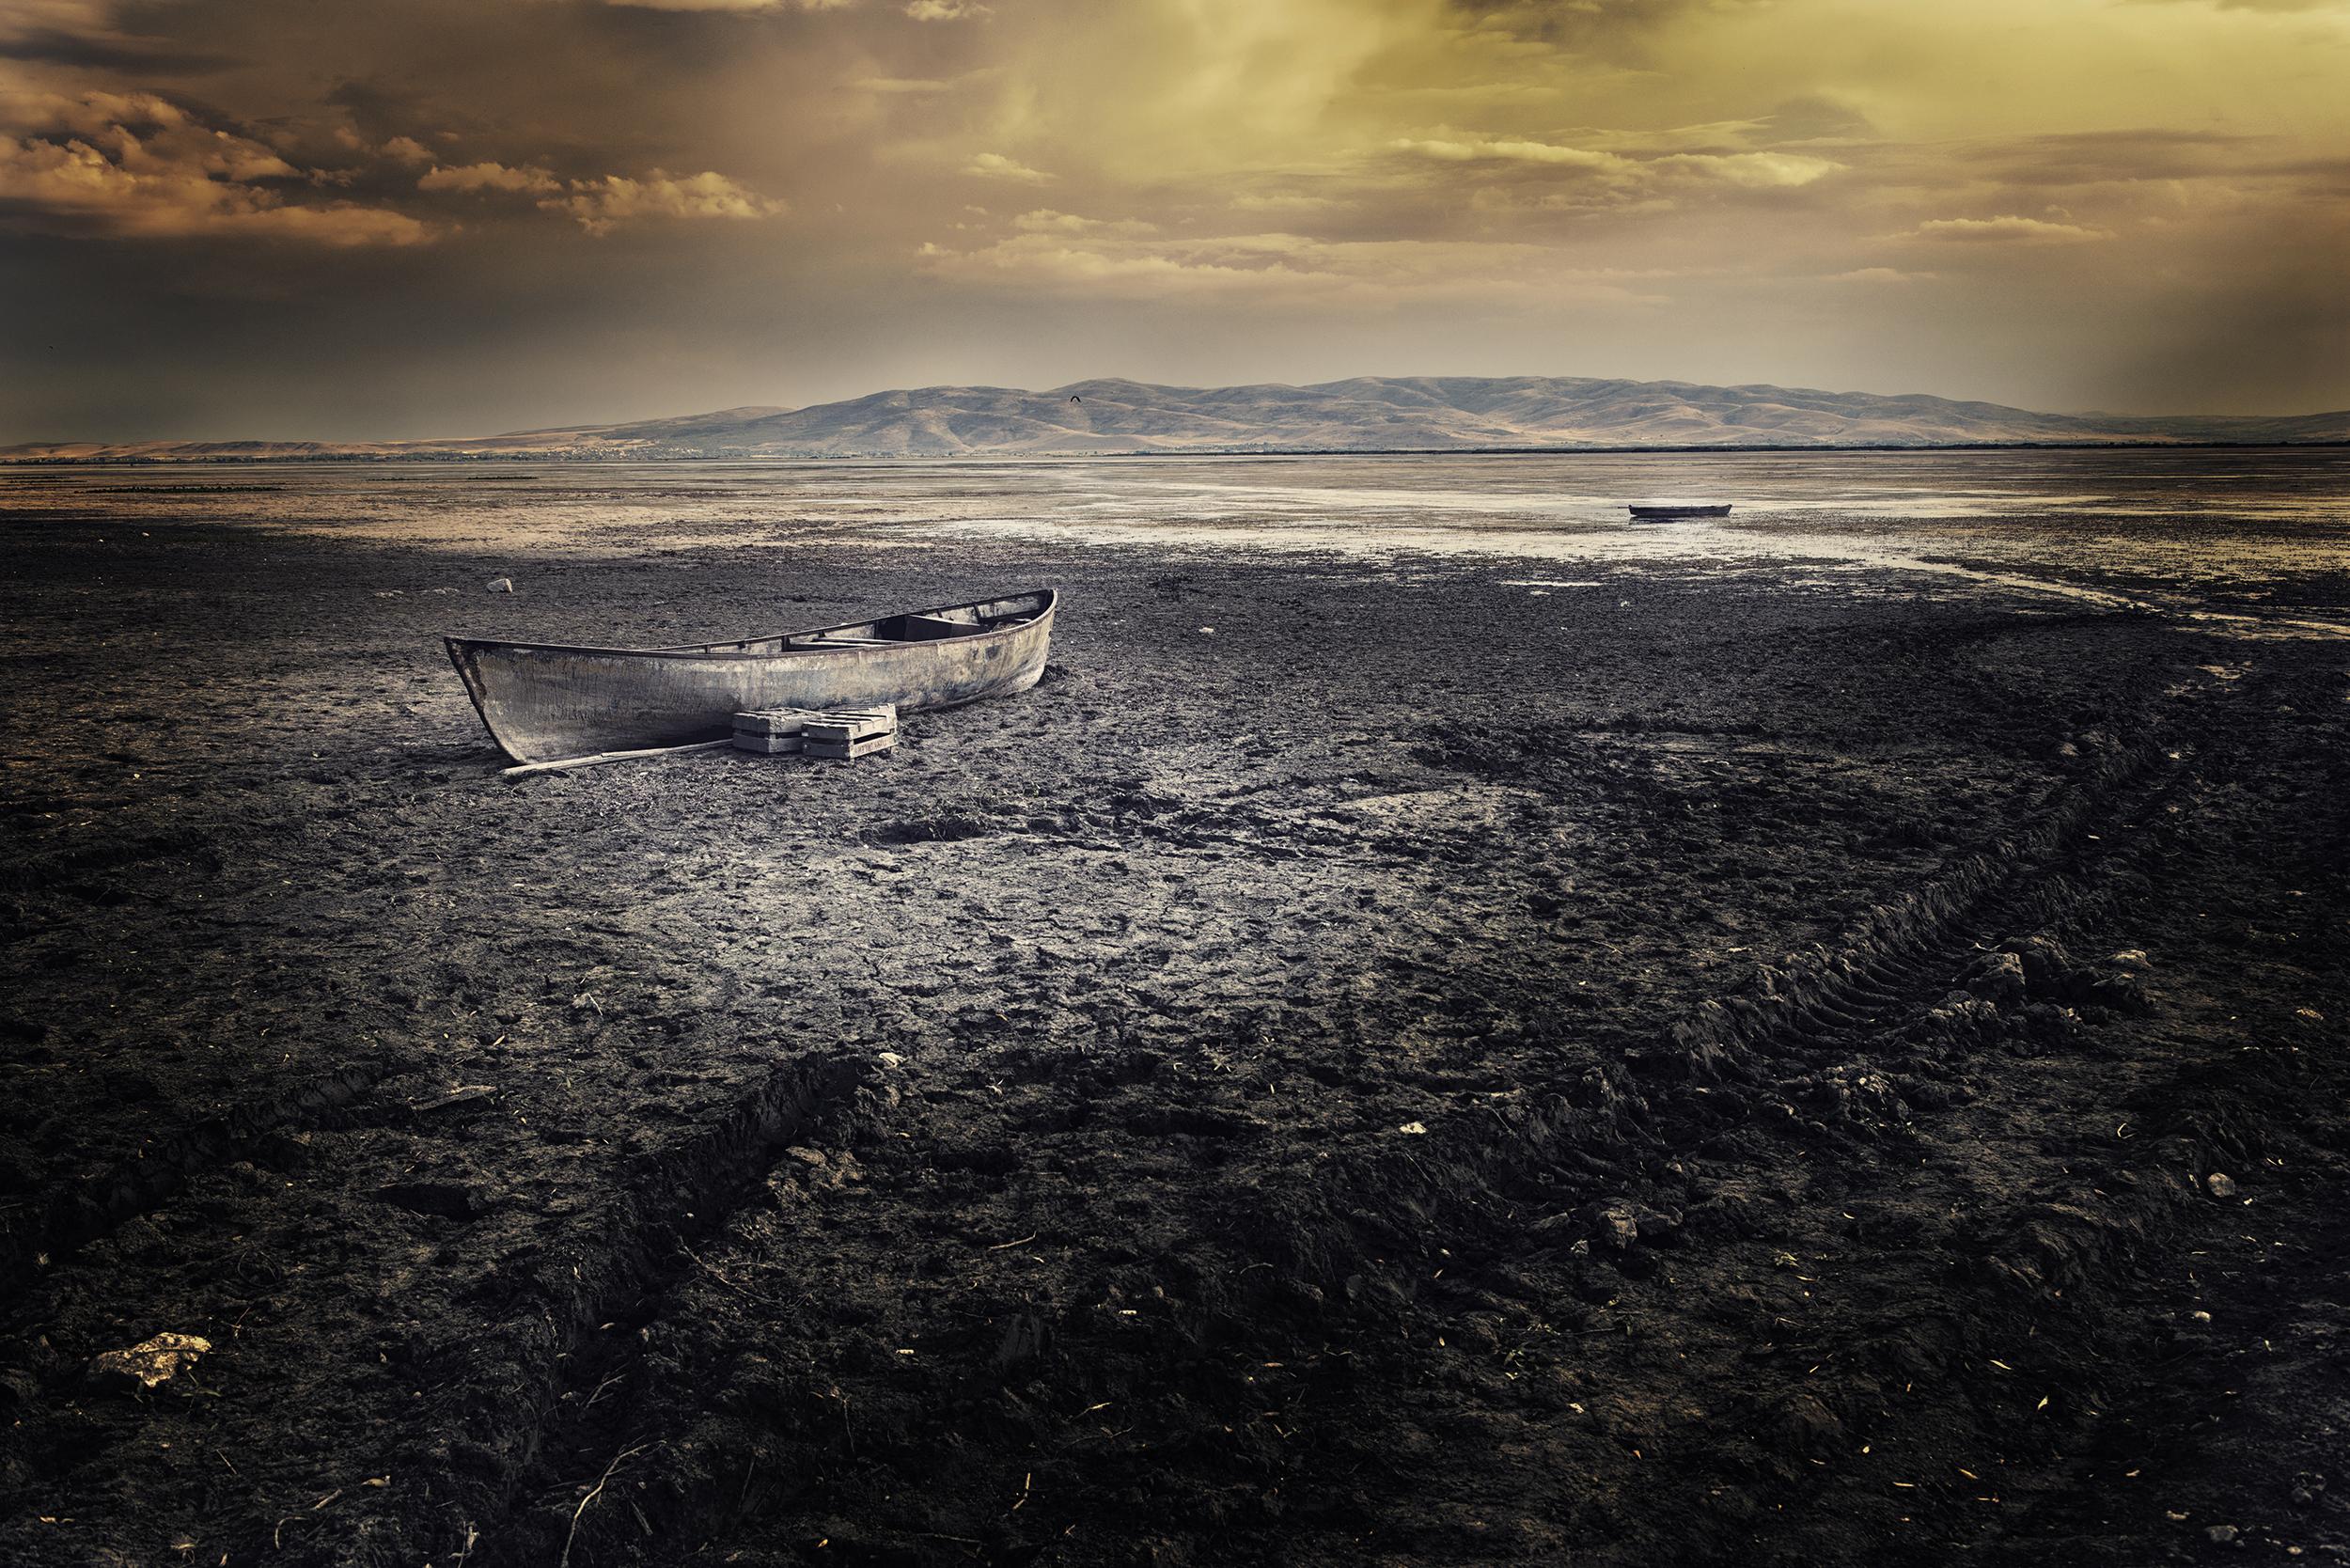 """Alarko Carrier'ın """"4. Küresel İklim Değişikliği Fotoğraf Yarışması"""" Sonuçlandı"""